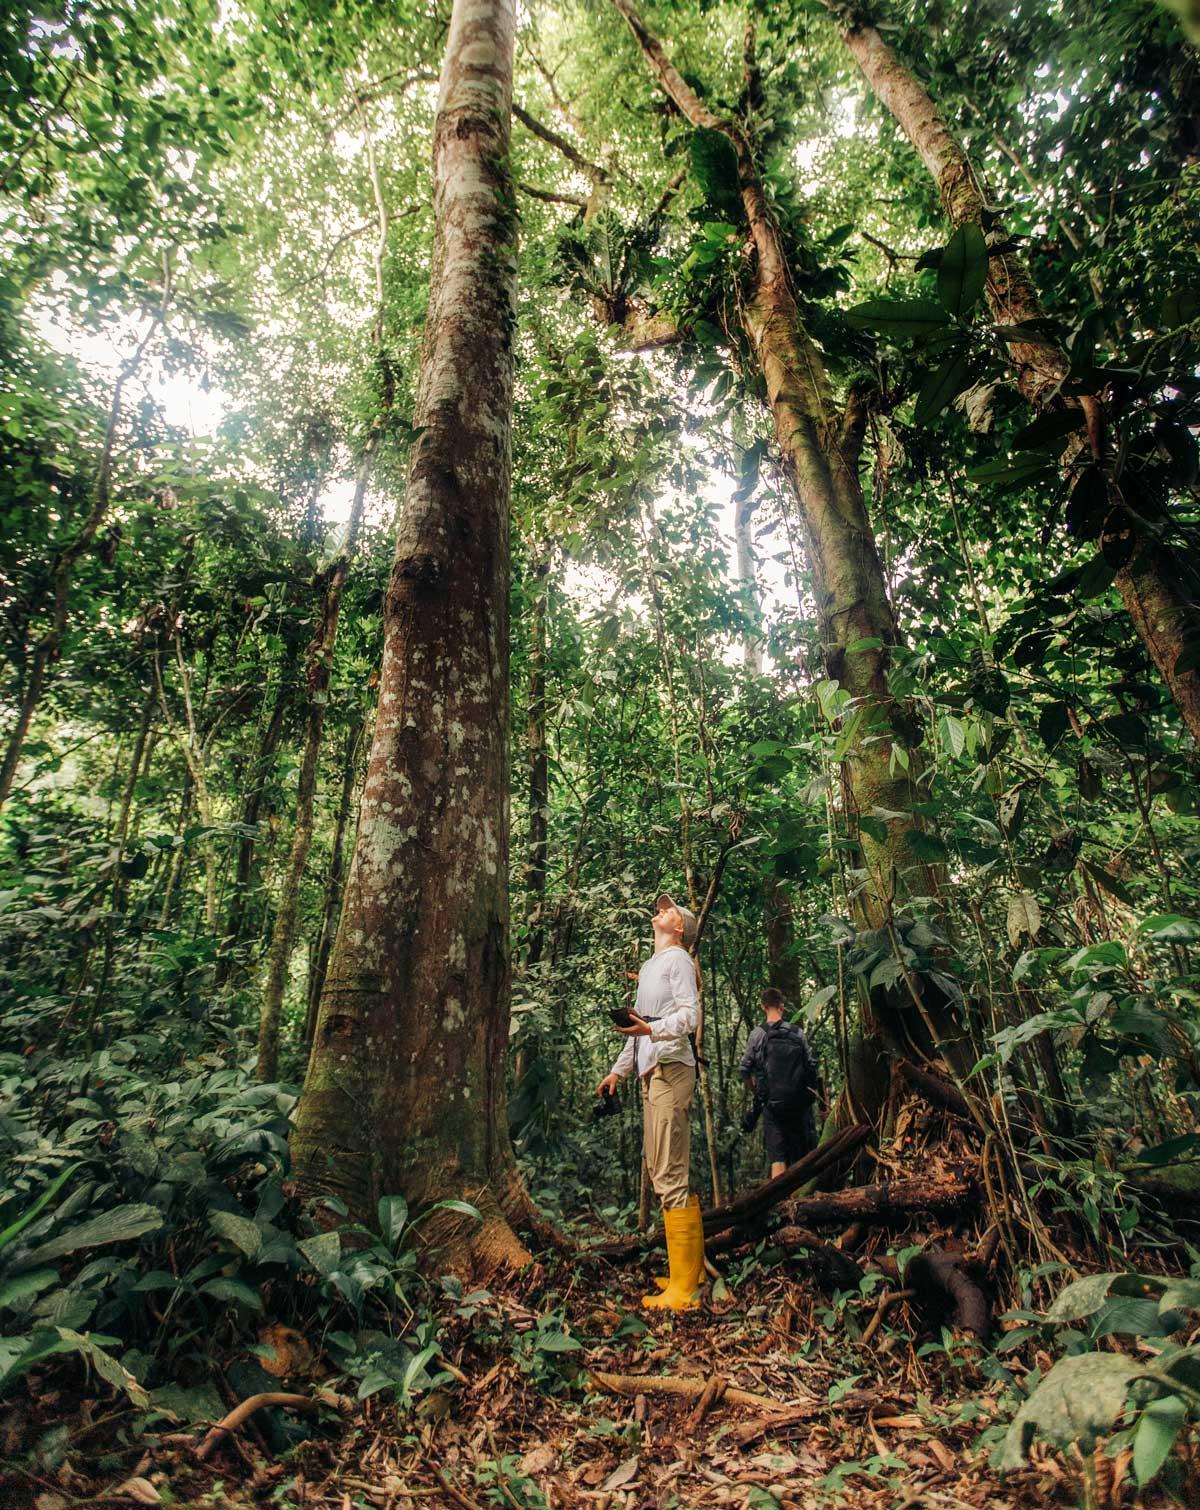 Kapoc Tree Looking Up